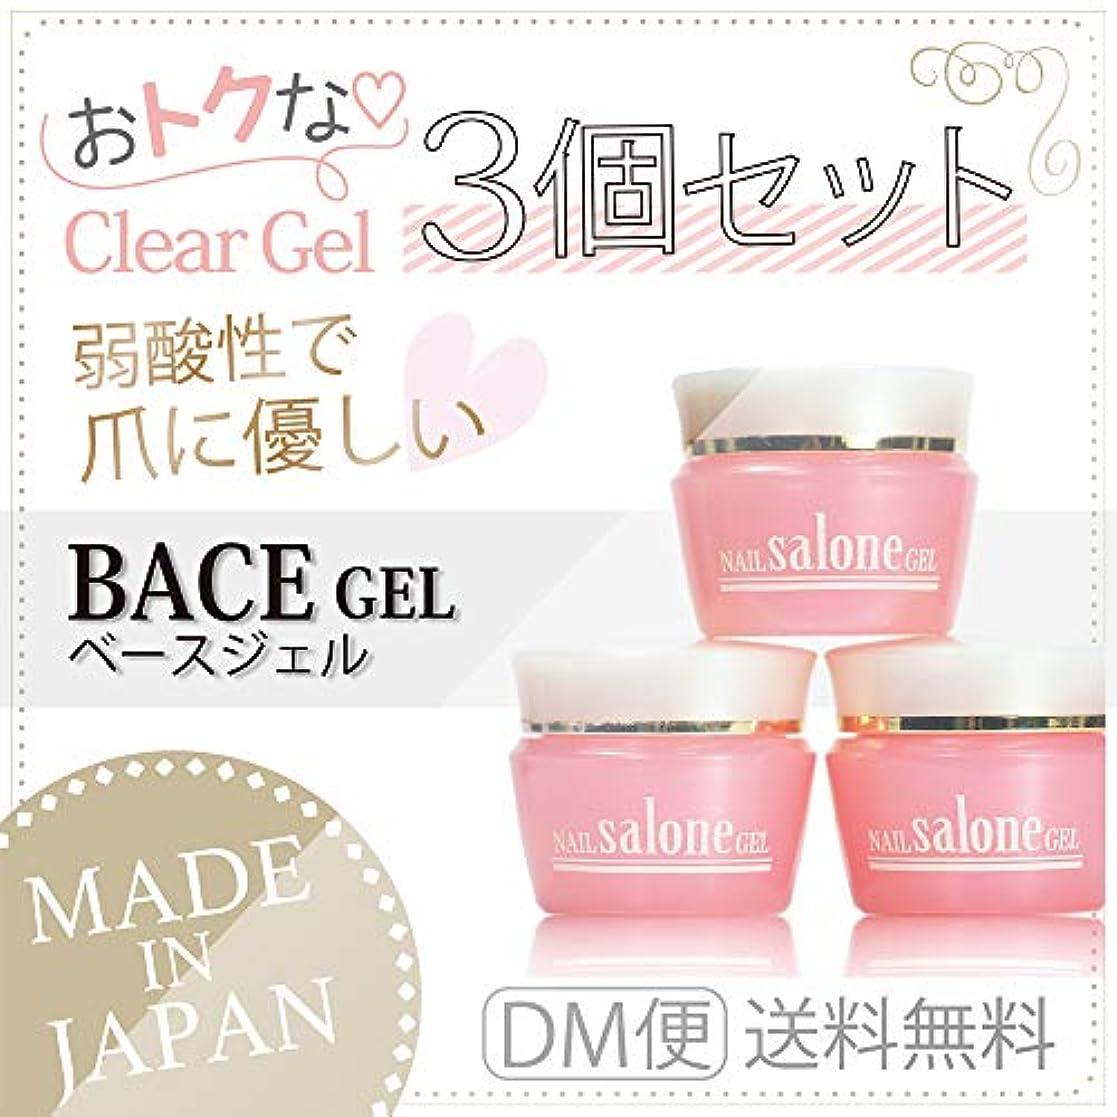 ヘア賞白菜Salone gel サローネ ベースジェル お得な3個セット 爪に優しい 日本製 驚きの密着力 リムーバーでオフも簡単3g